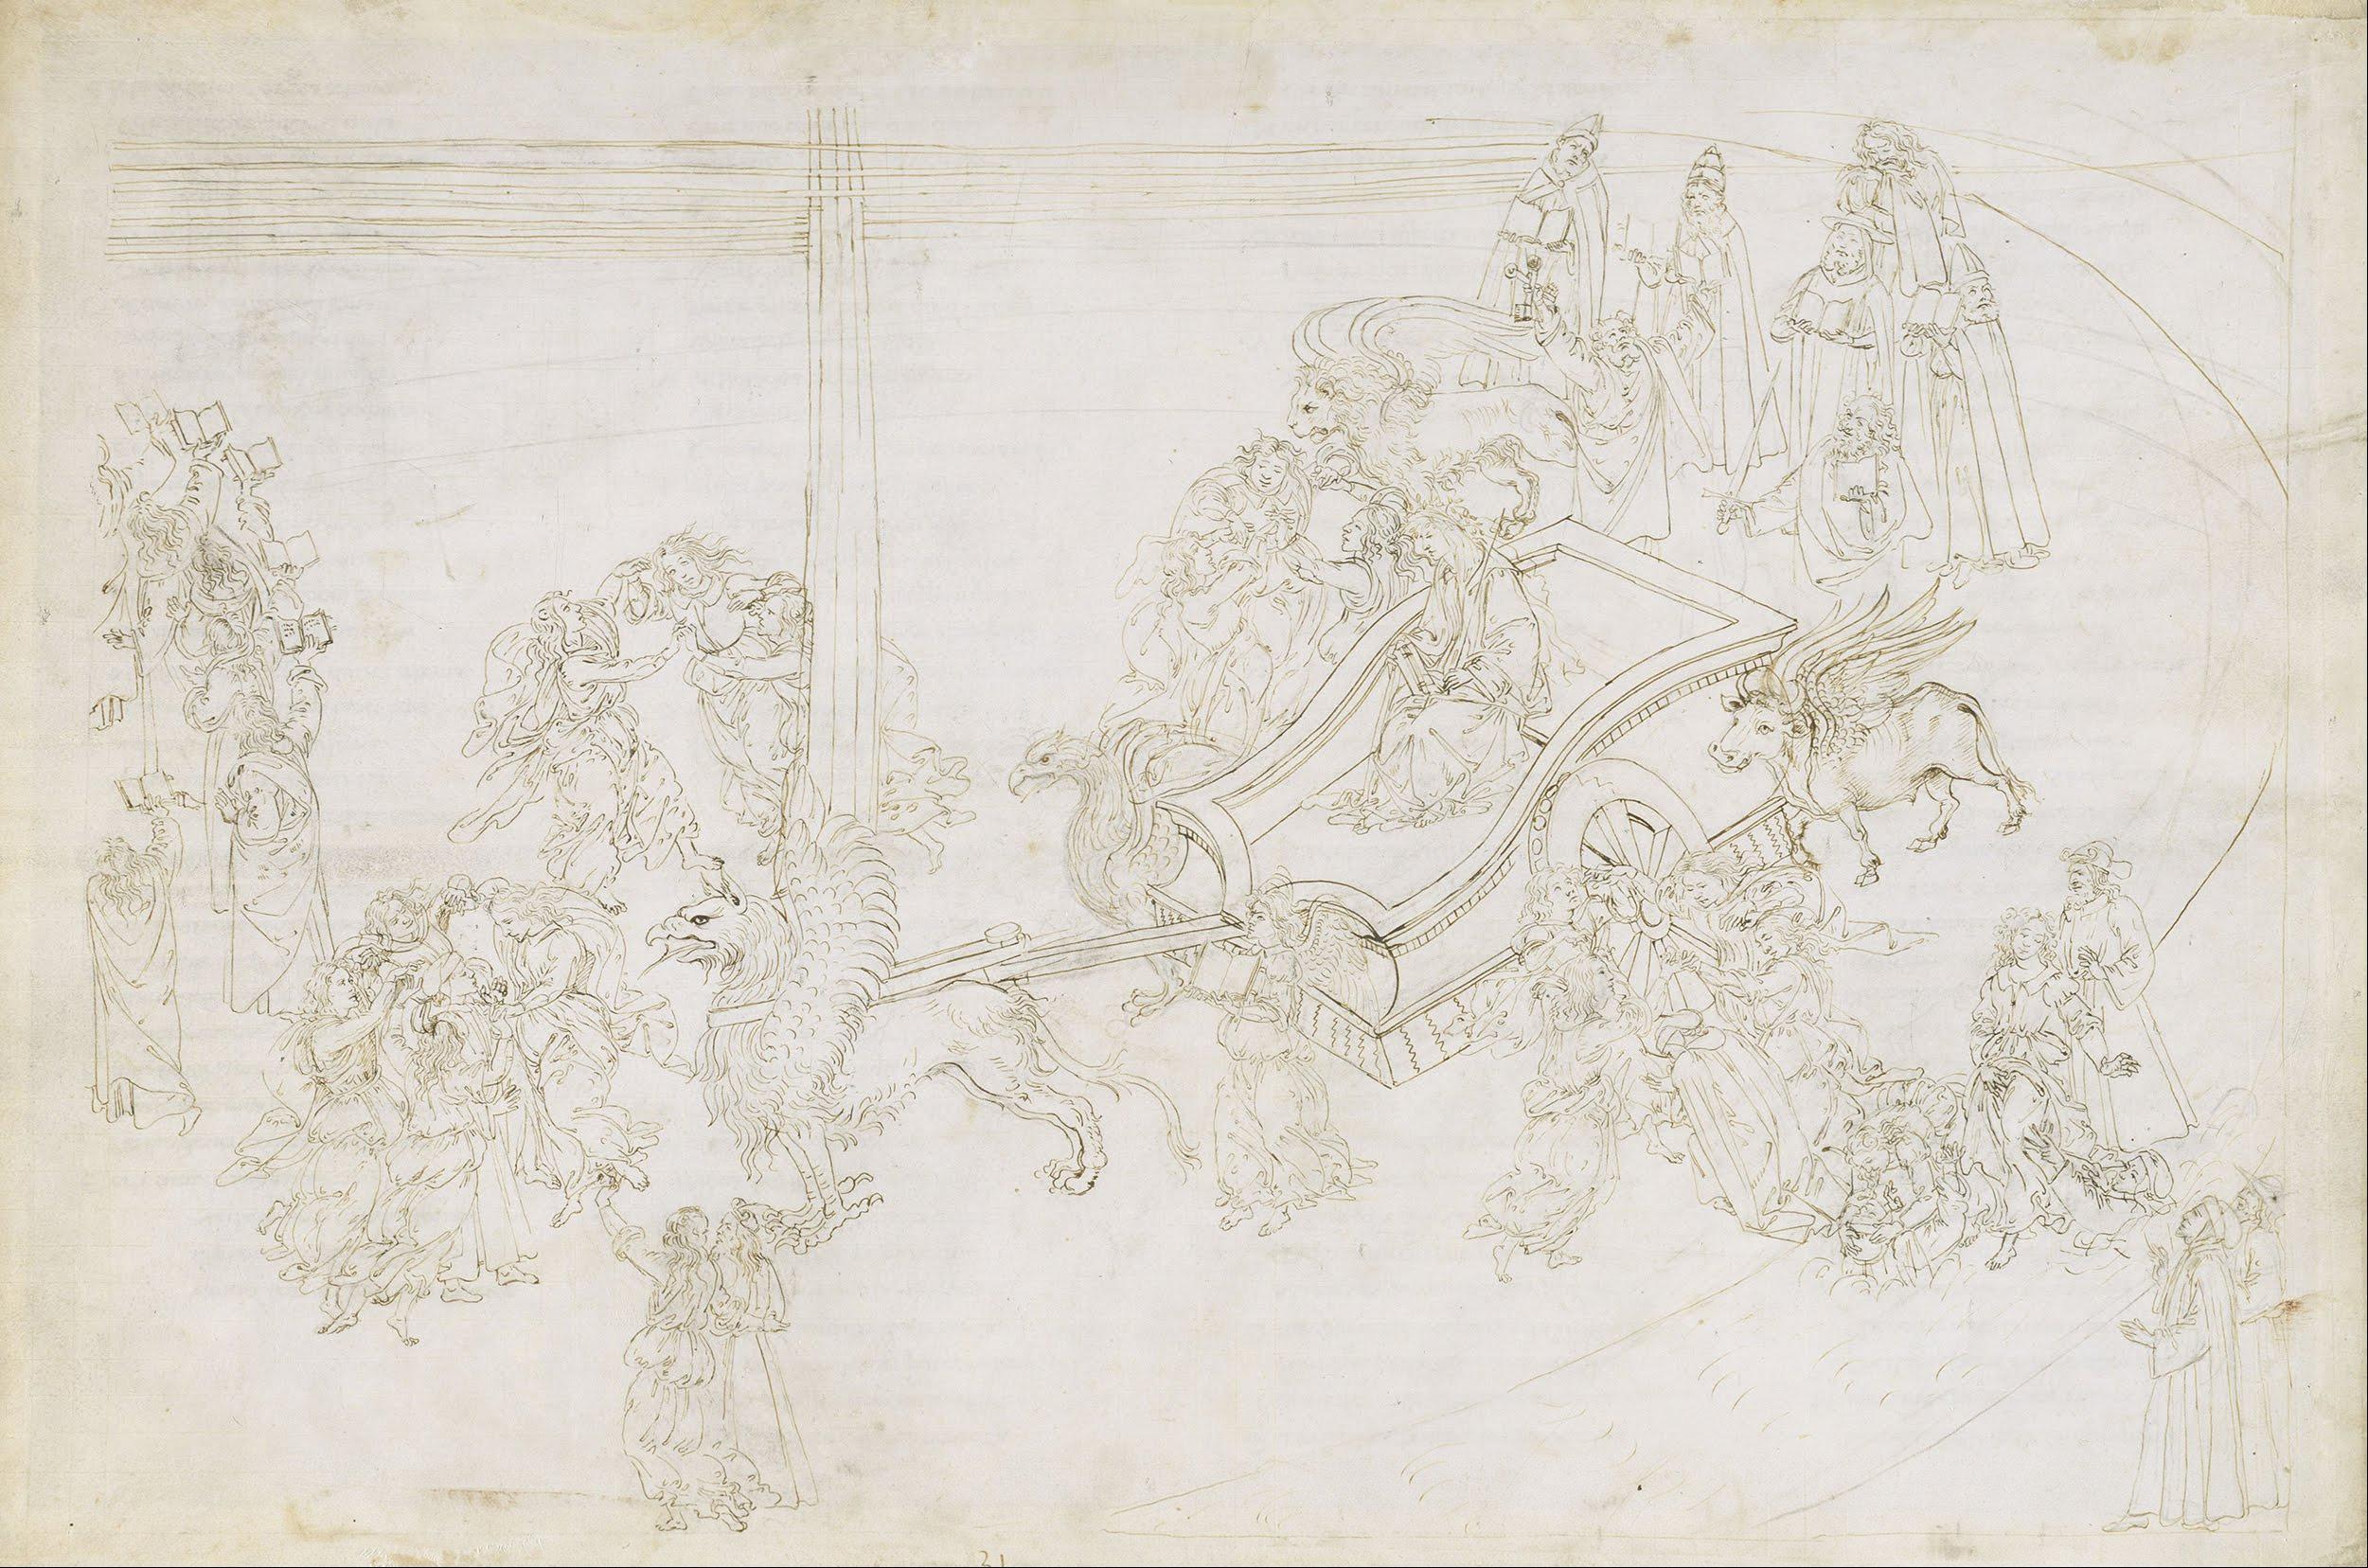 sandro botticelli research paper